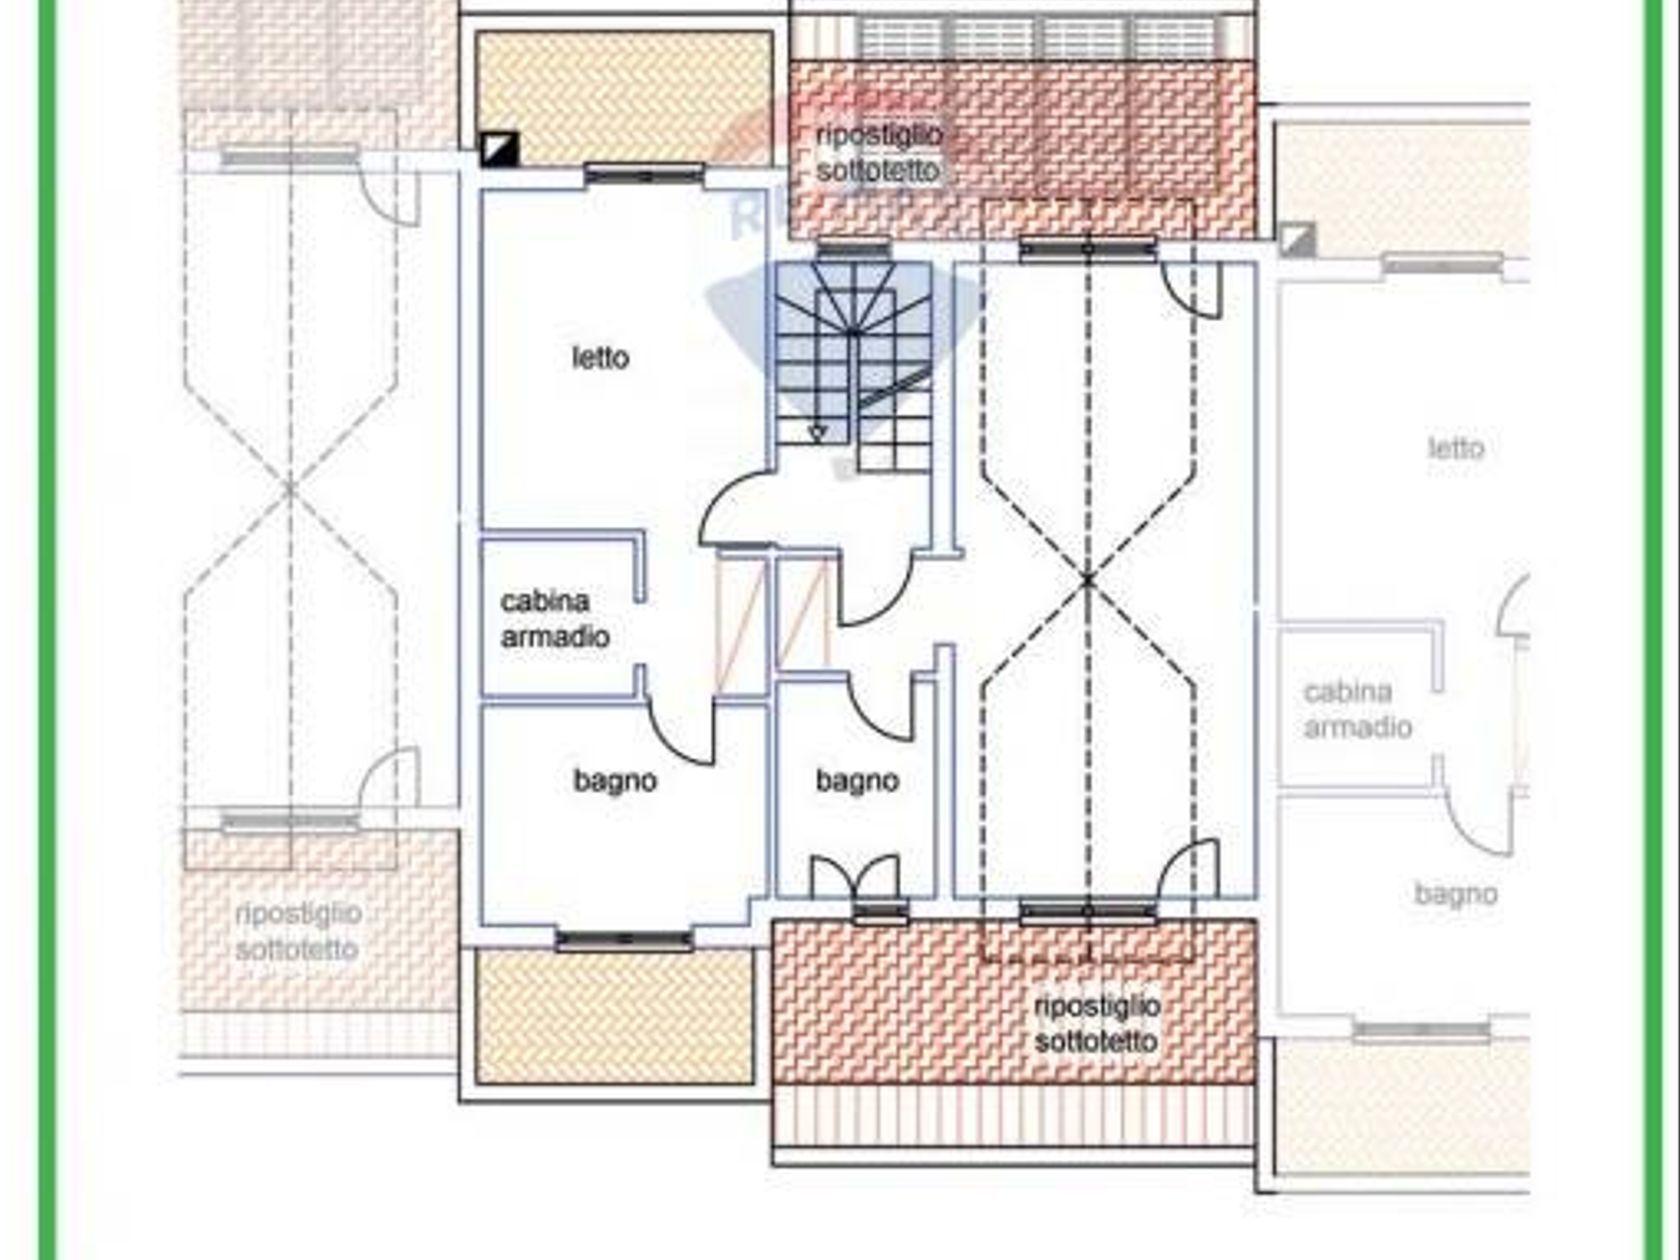 Villa a schiera Grottaferrata, RM Vendita - Planimetria 3